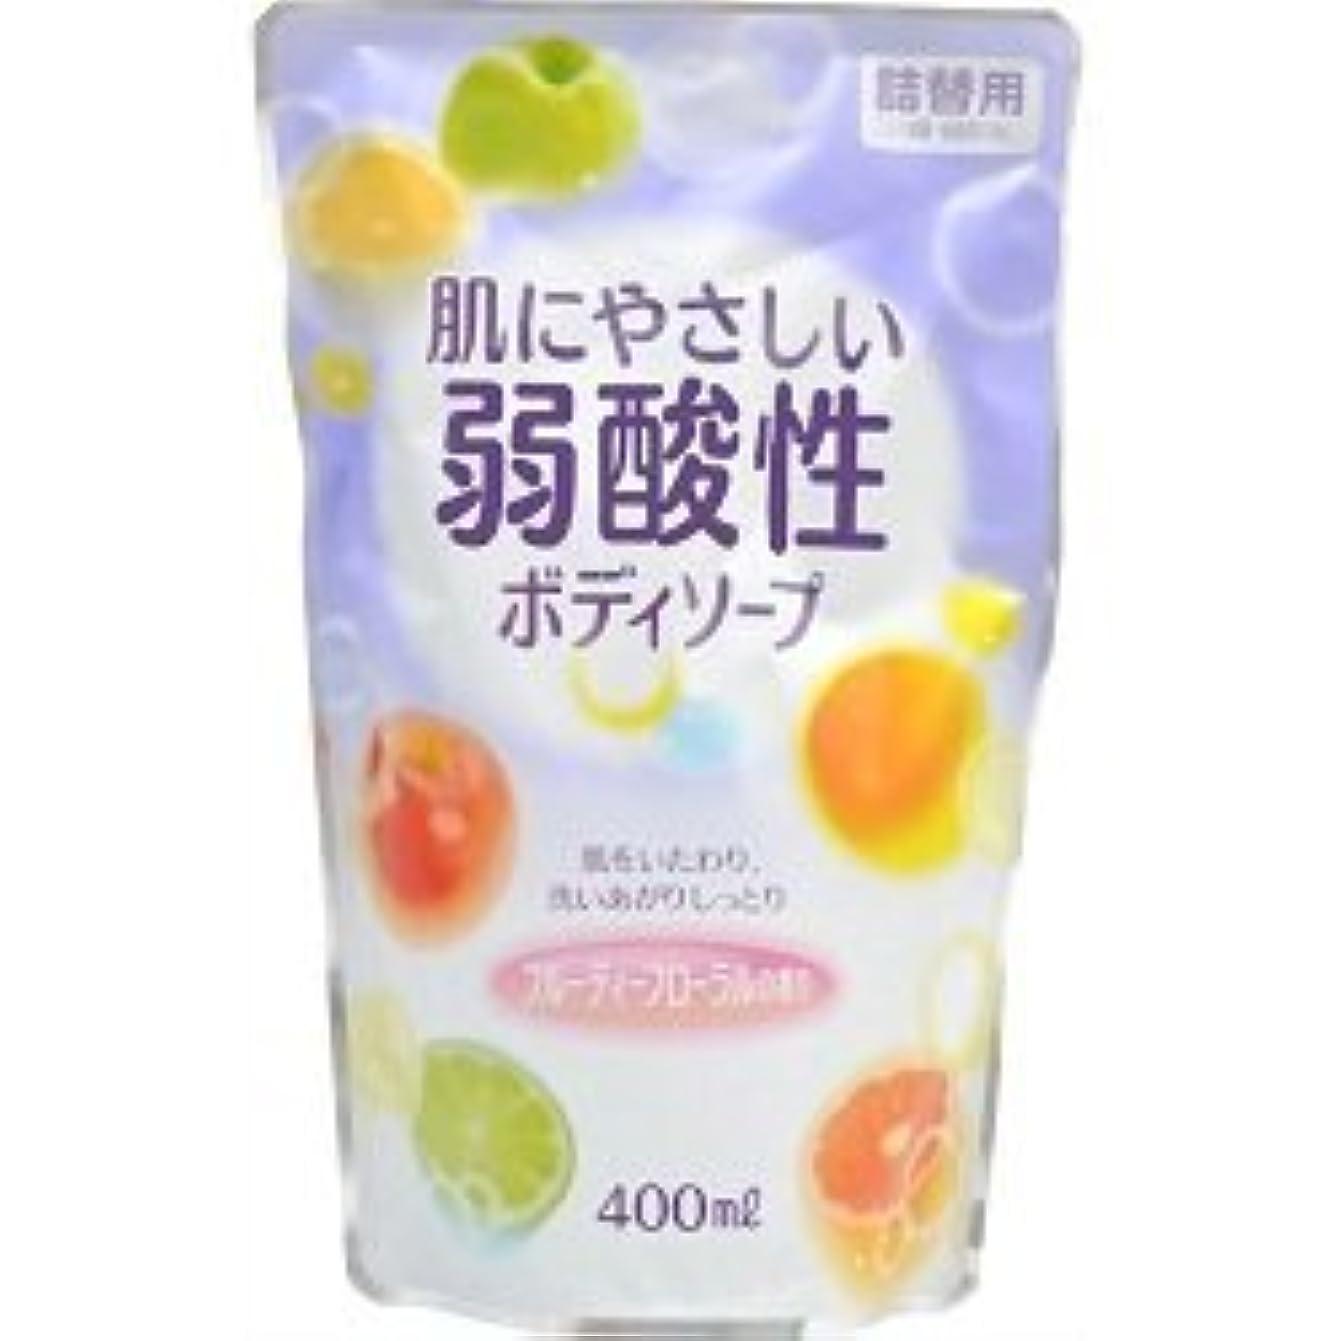 カフェ花束悔い改める【エオリア】弱酸性ボディソープ フルーティフローラルの香り 詰替用 400ml ×10個セット